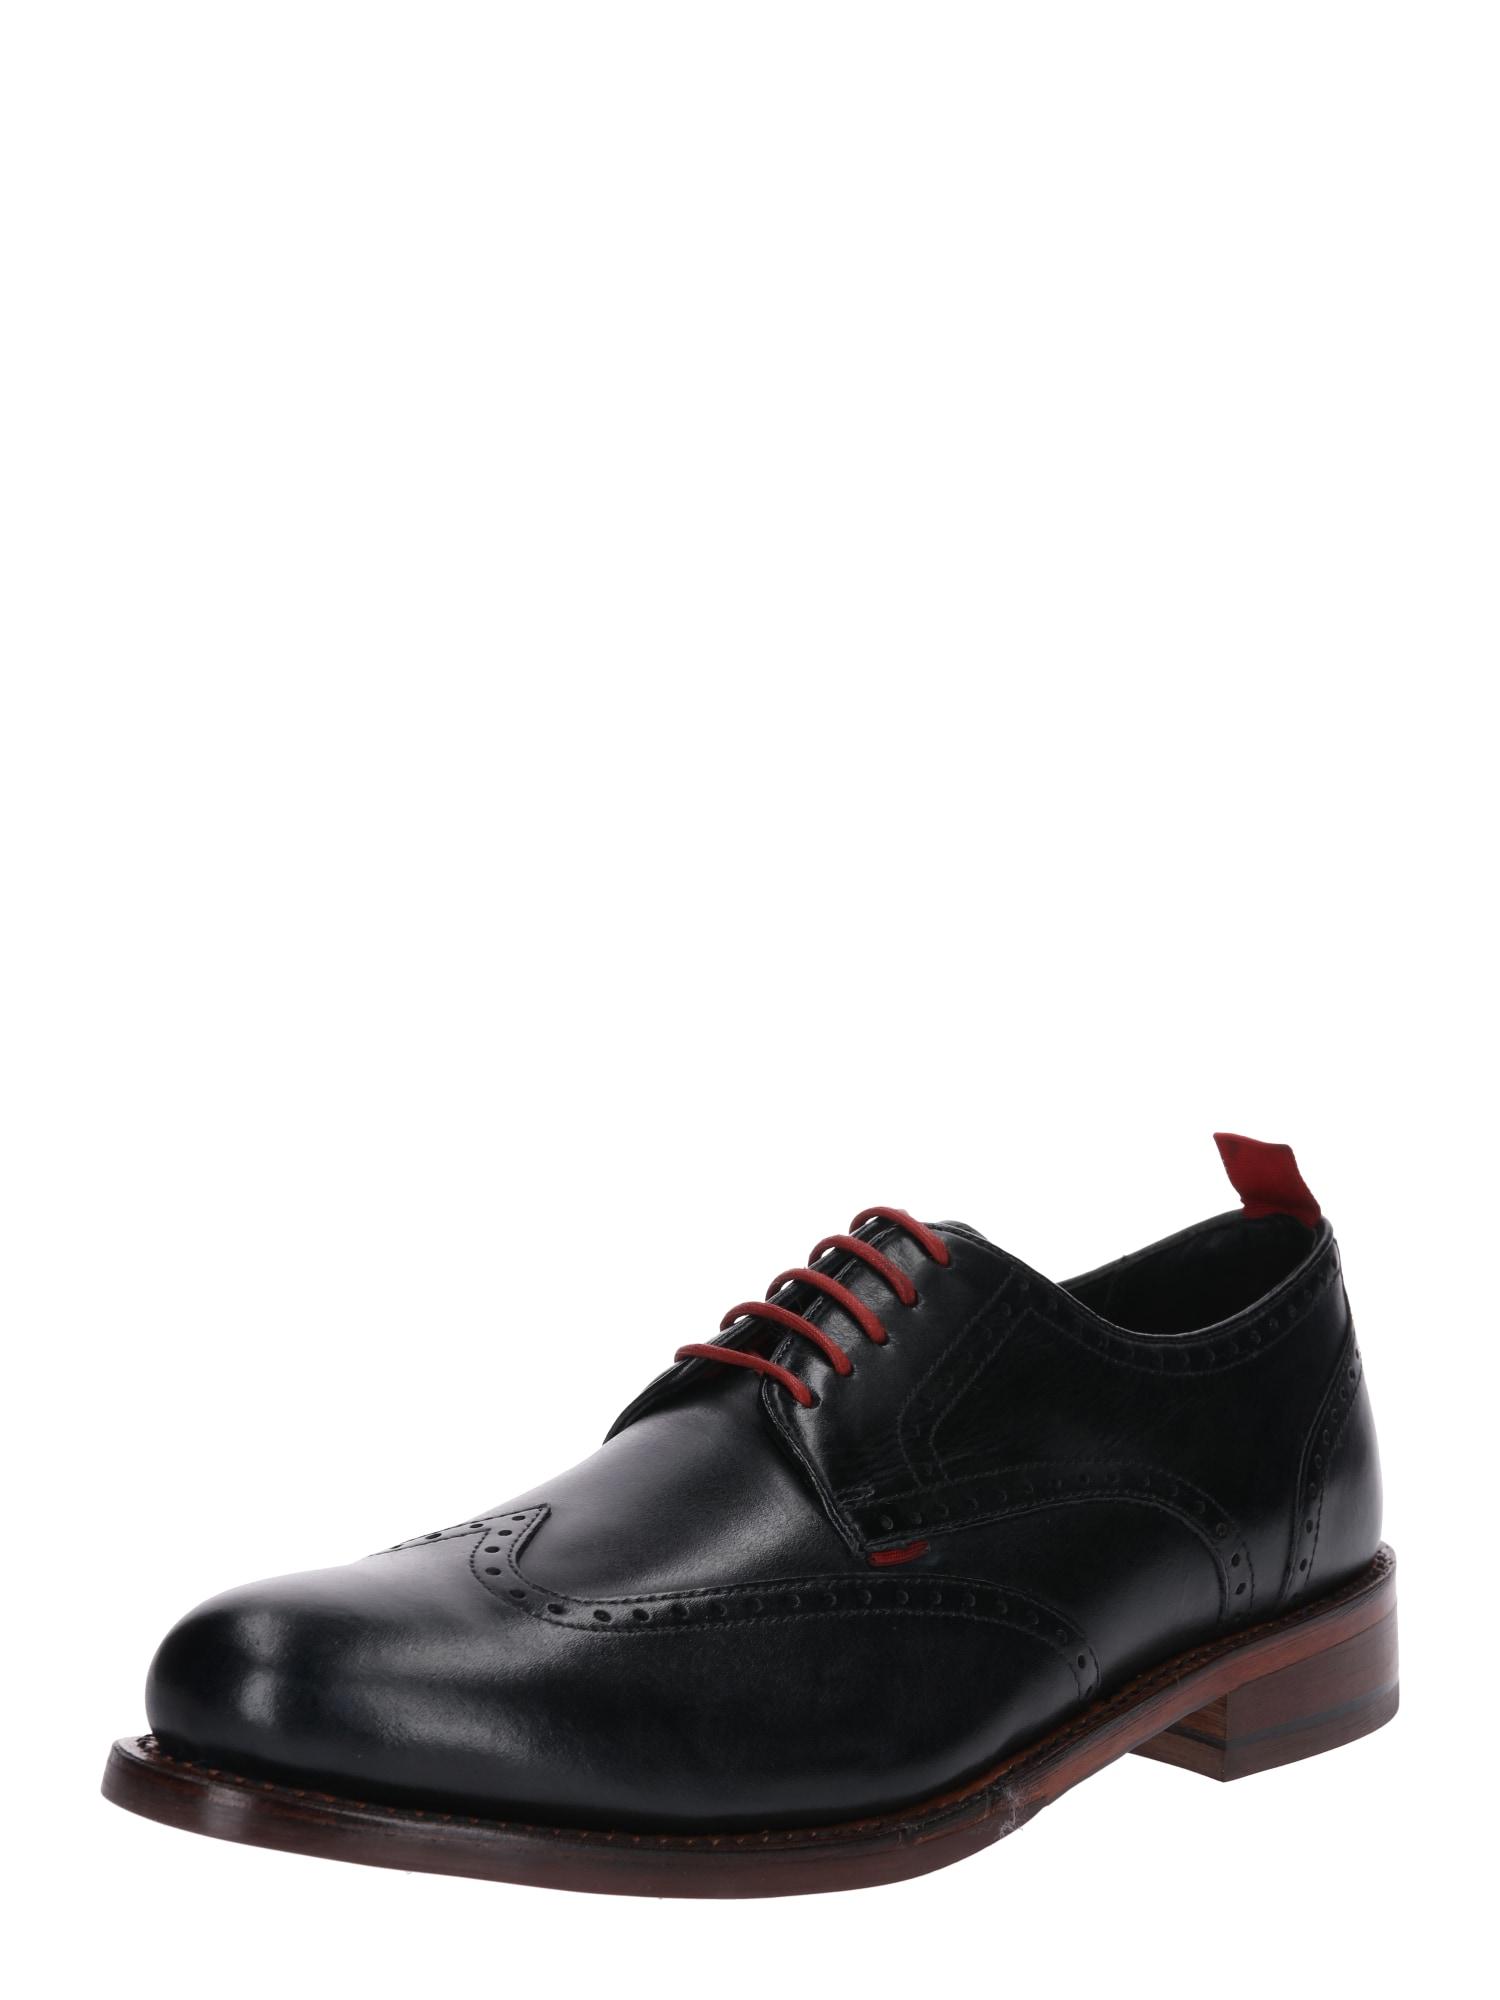 Šněrovací boty LEVET námořnická modř Gordon & Bros